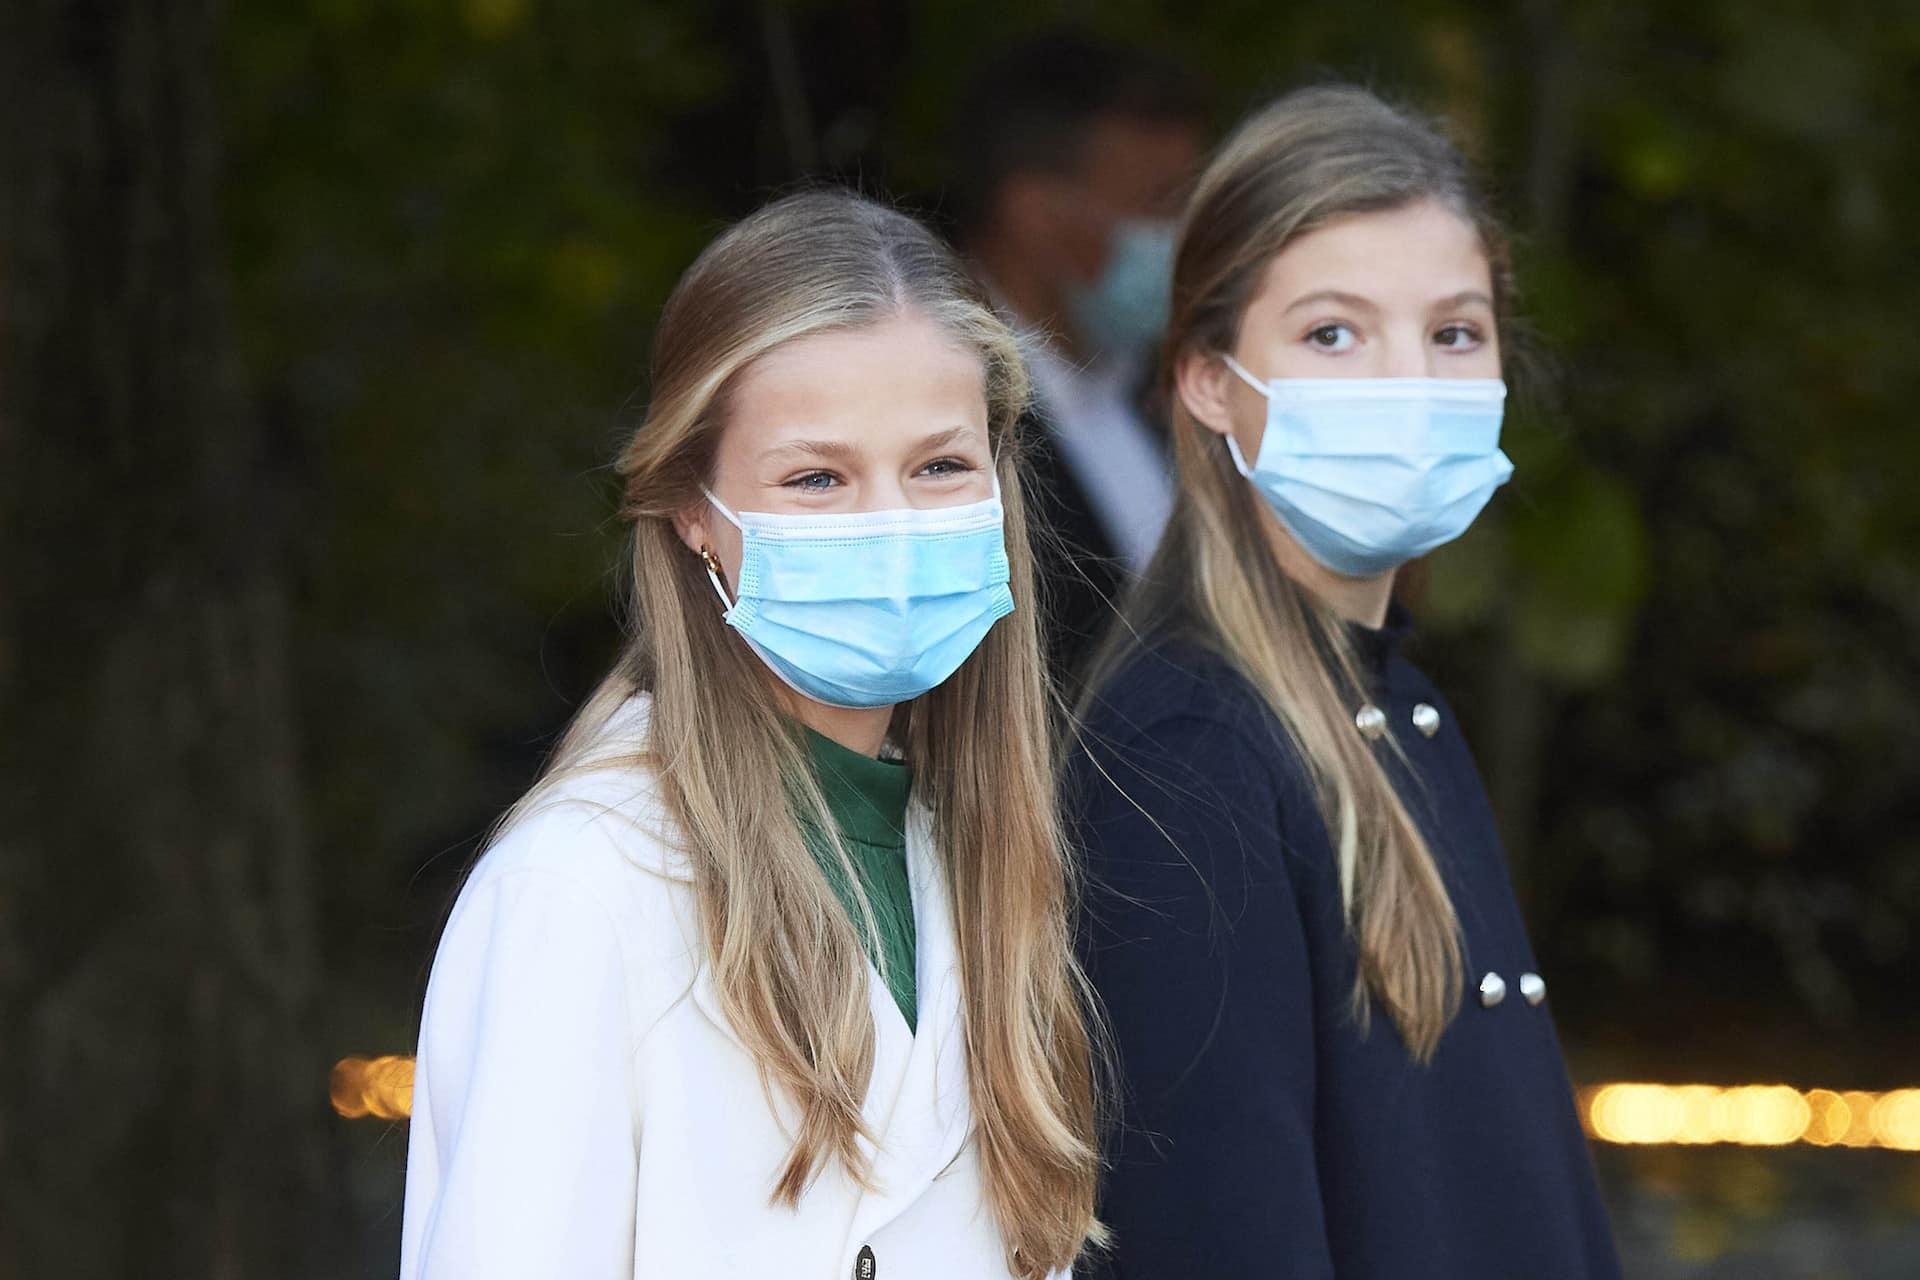 Prinzessin Leonor bekommt Impfung – ihre Schwester Sofia nicht